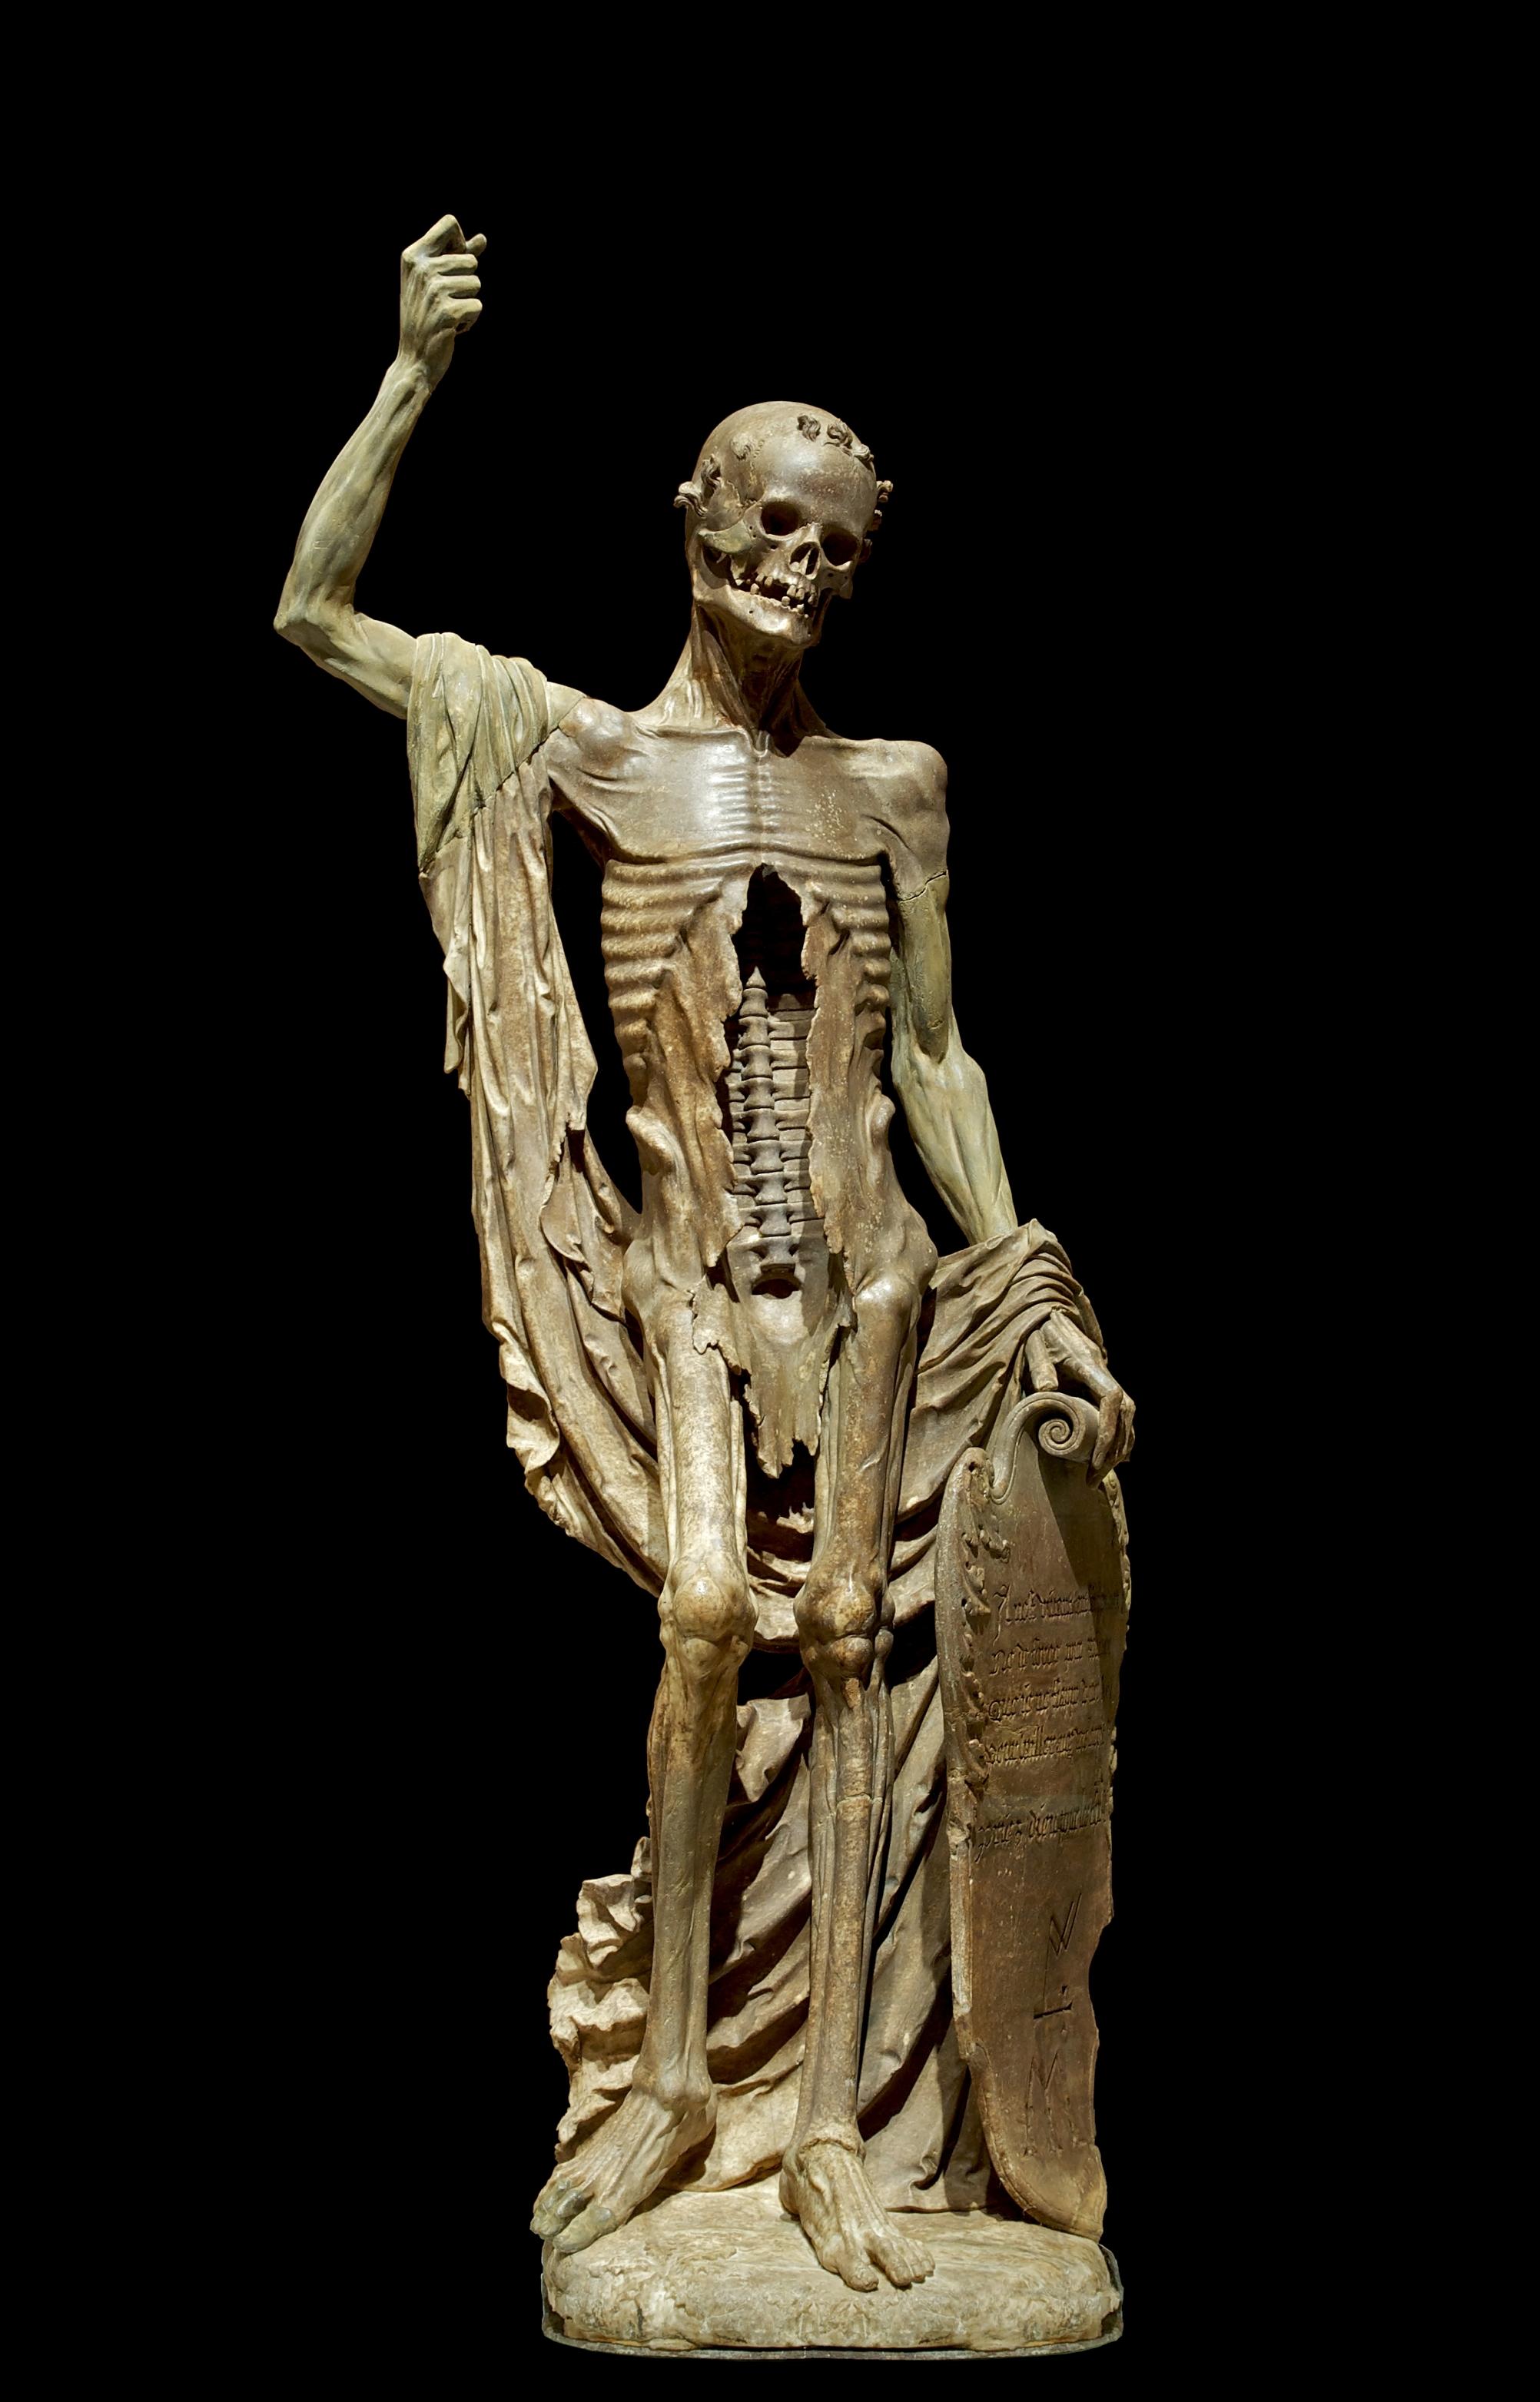 Статуя Смерти с кладбища Невинноубиенных младенцев.